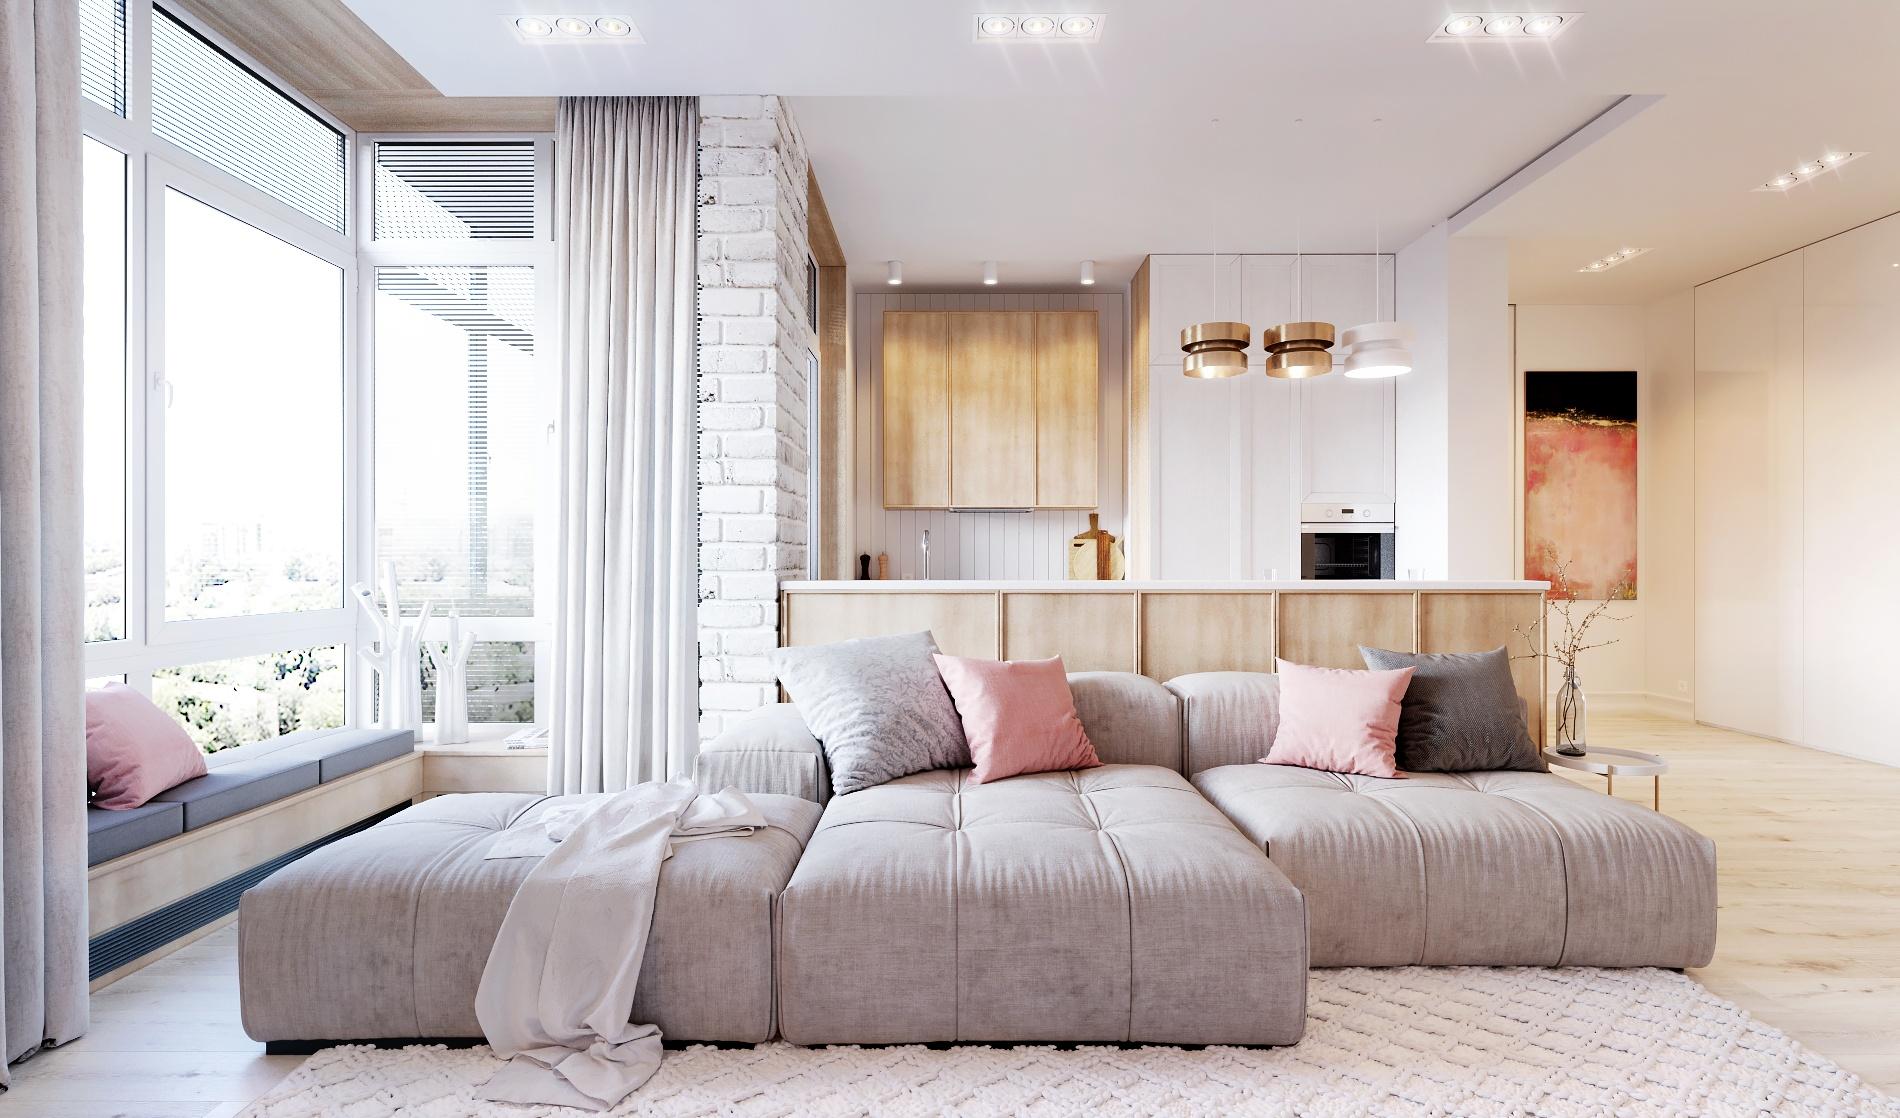 简约时尚公寓客厅装修效果图